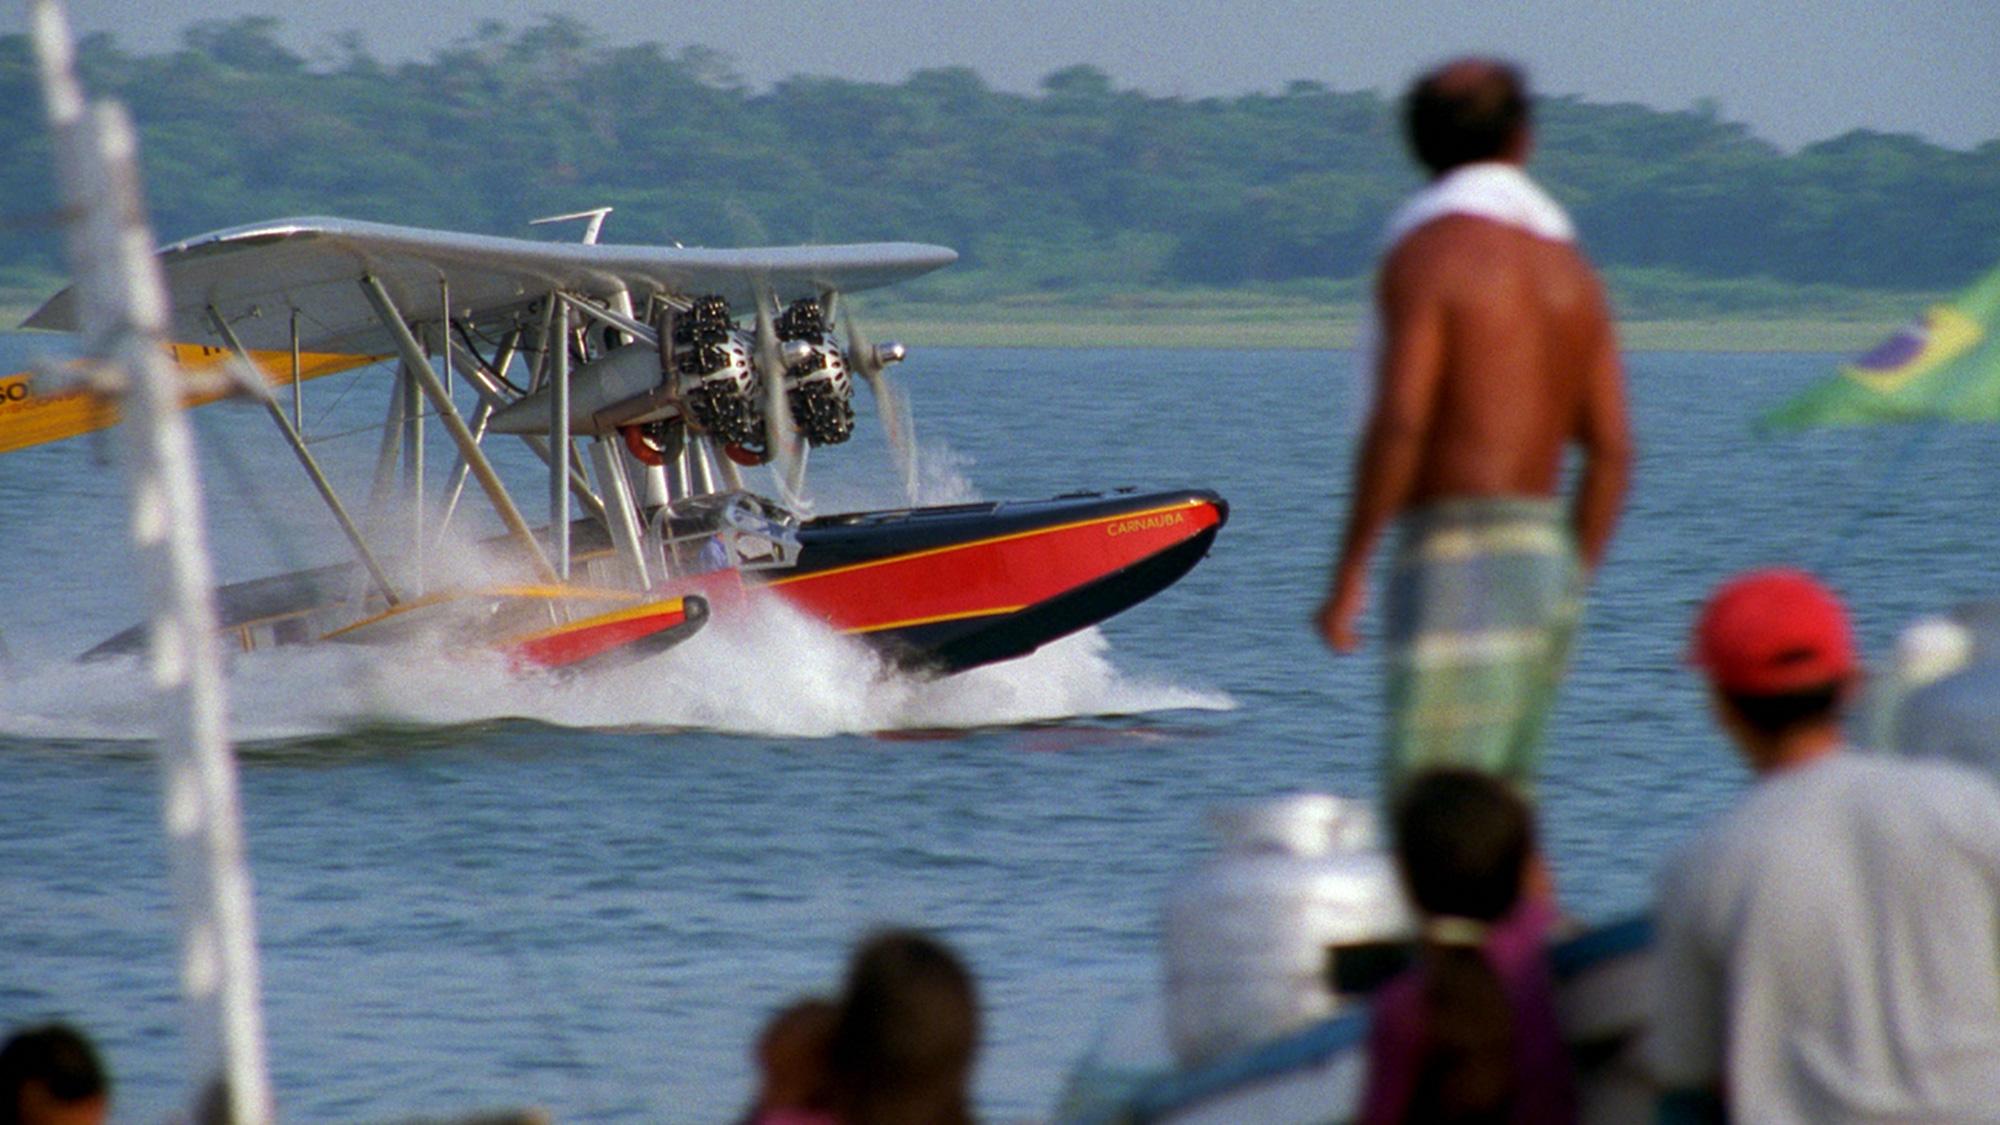 Sam Johnson atterra con l'aereo anfibio Sikorsky S-38 durante il suo viaggio in Brasile.